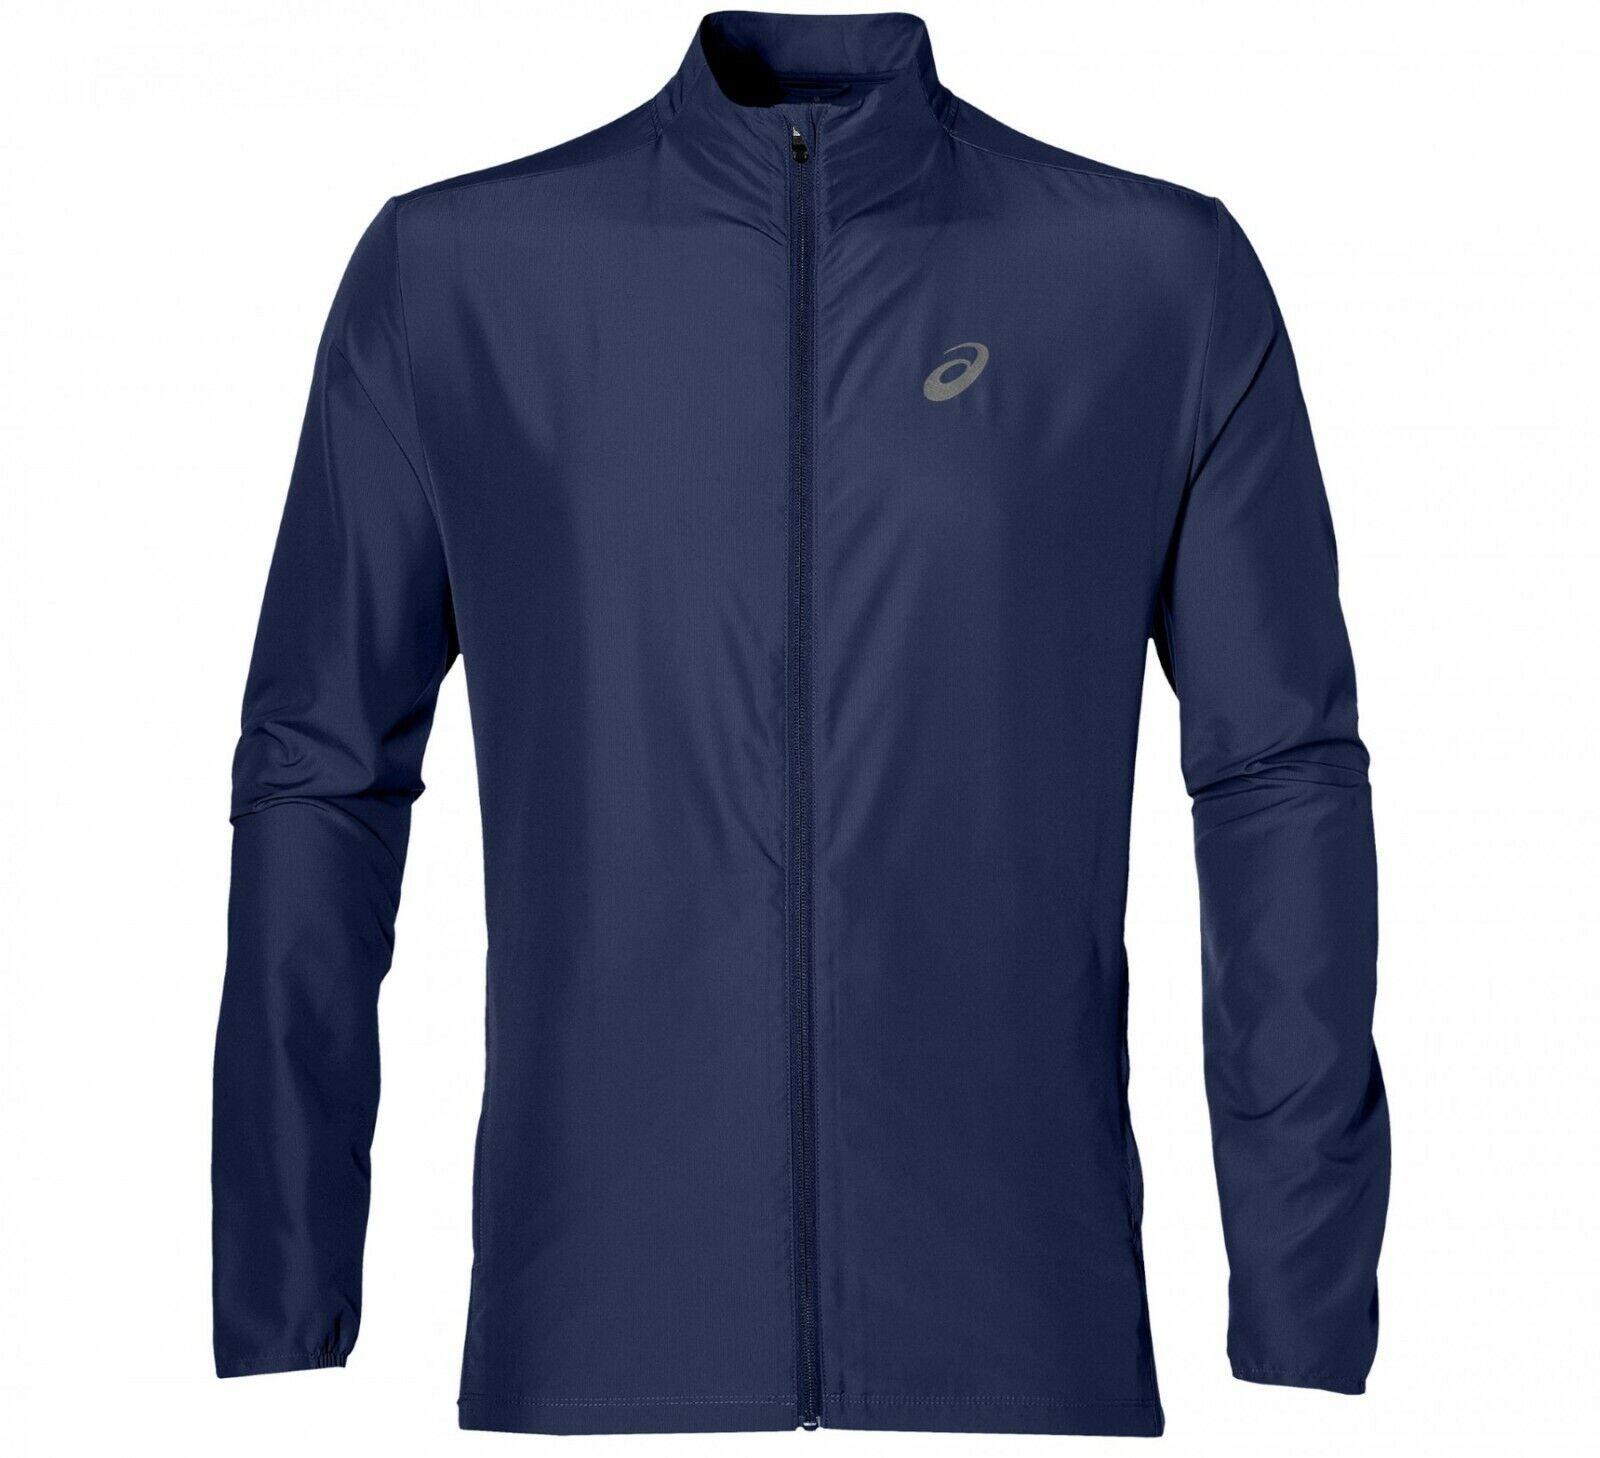 Asics Men's Running Jacket Full Zip Sports Running Jacket - Indigo Blue - New